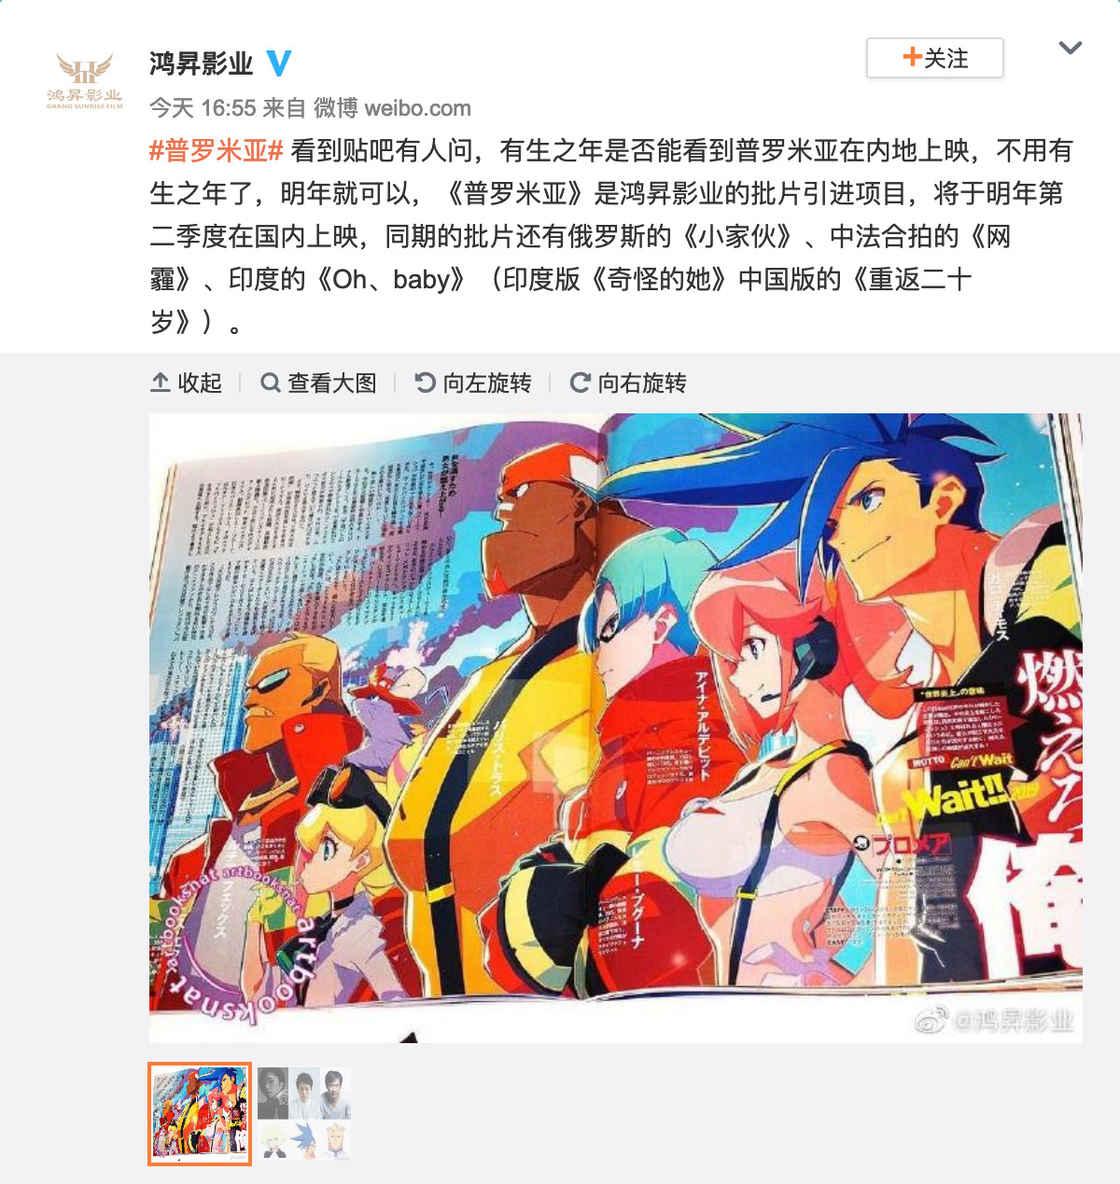 鸿昇影业的原微博